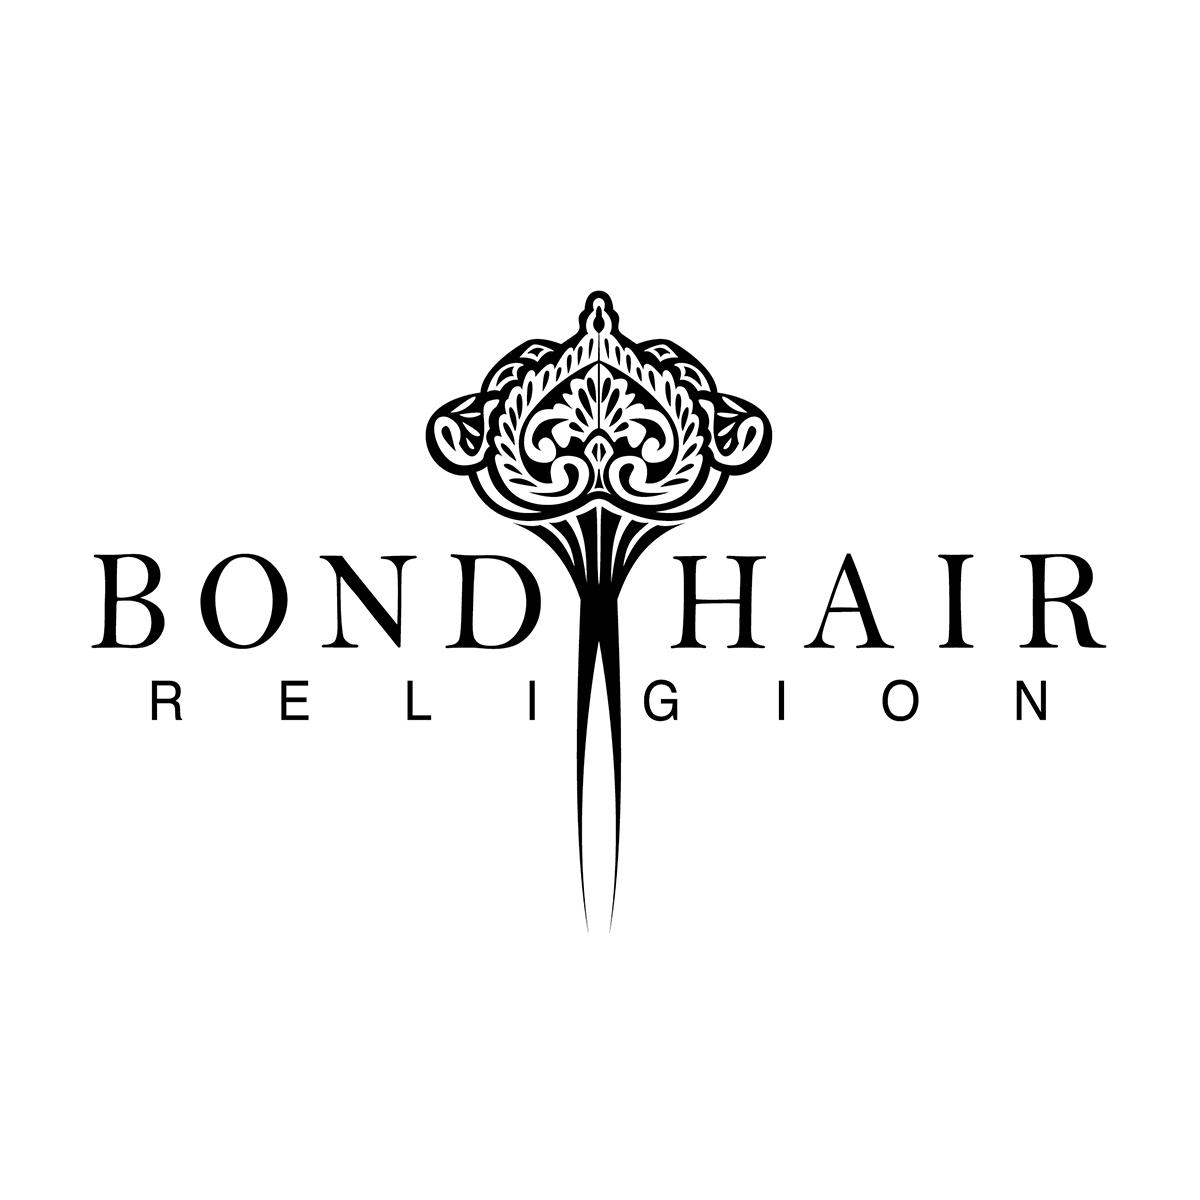 Canberra Logo Design - Bond Hair Religion